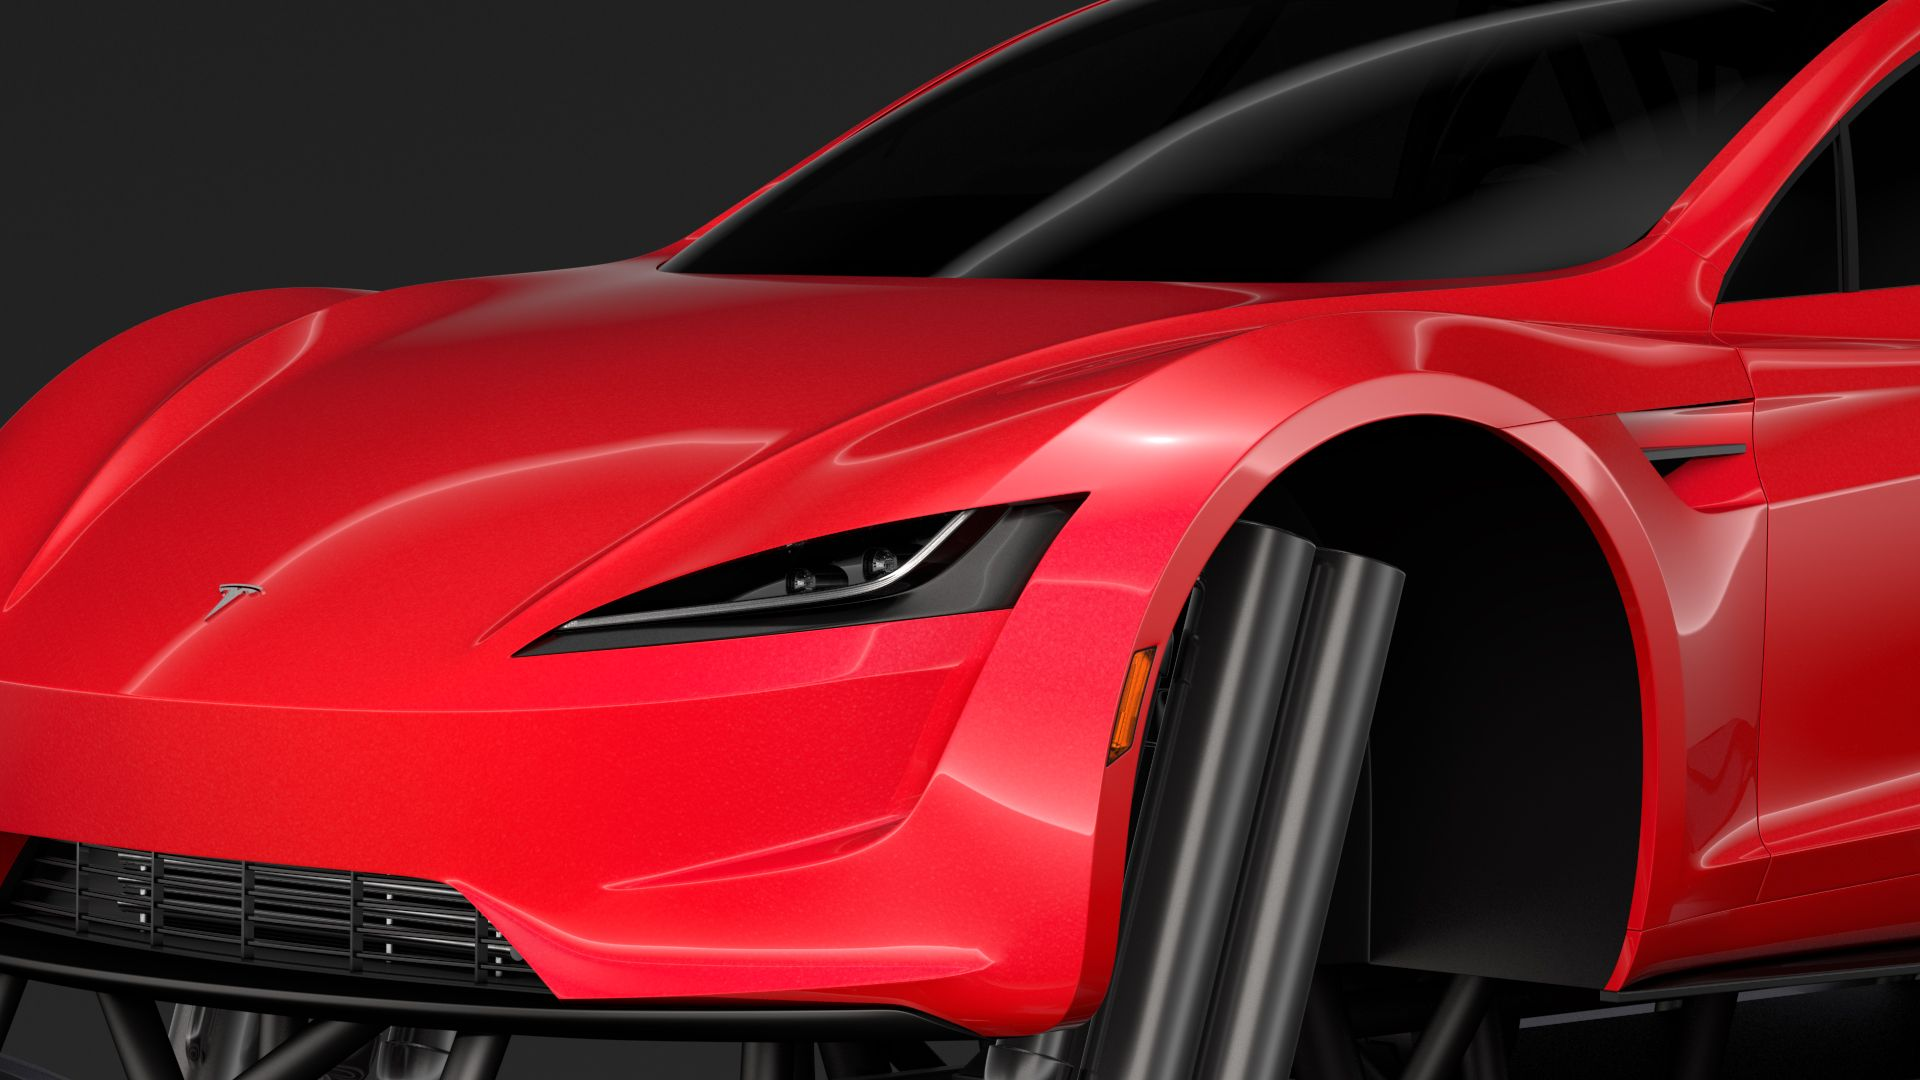 Monster Truck Tesla Roadster Tesla roadster, Monster